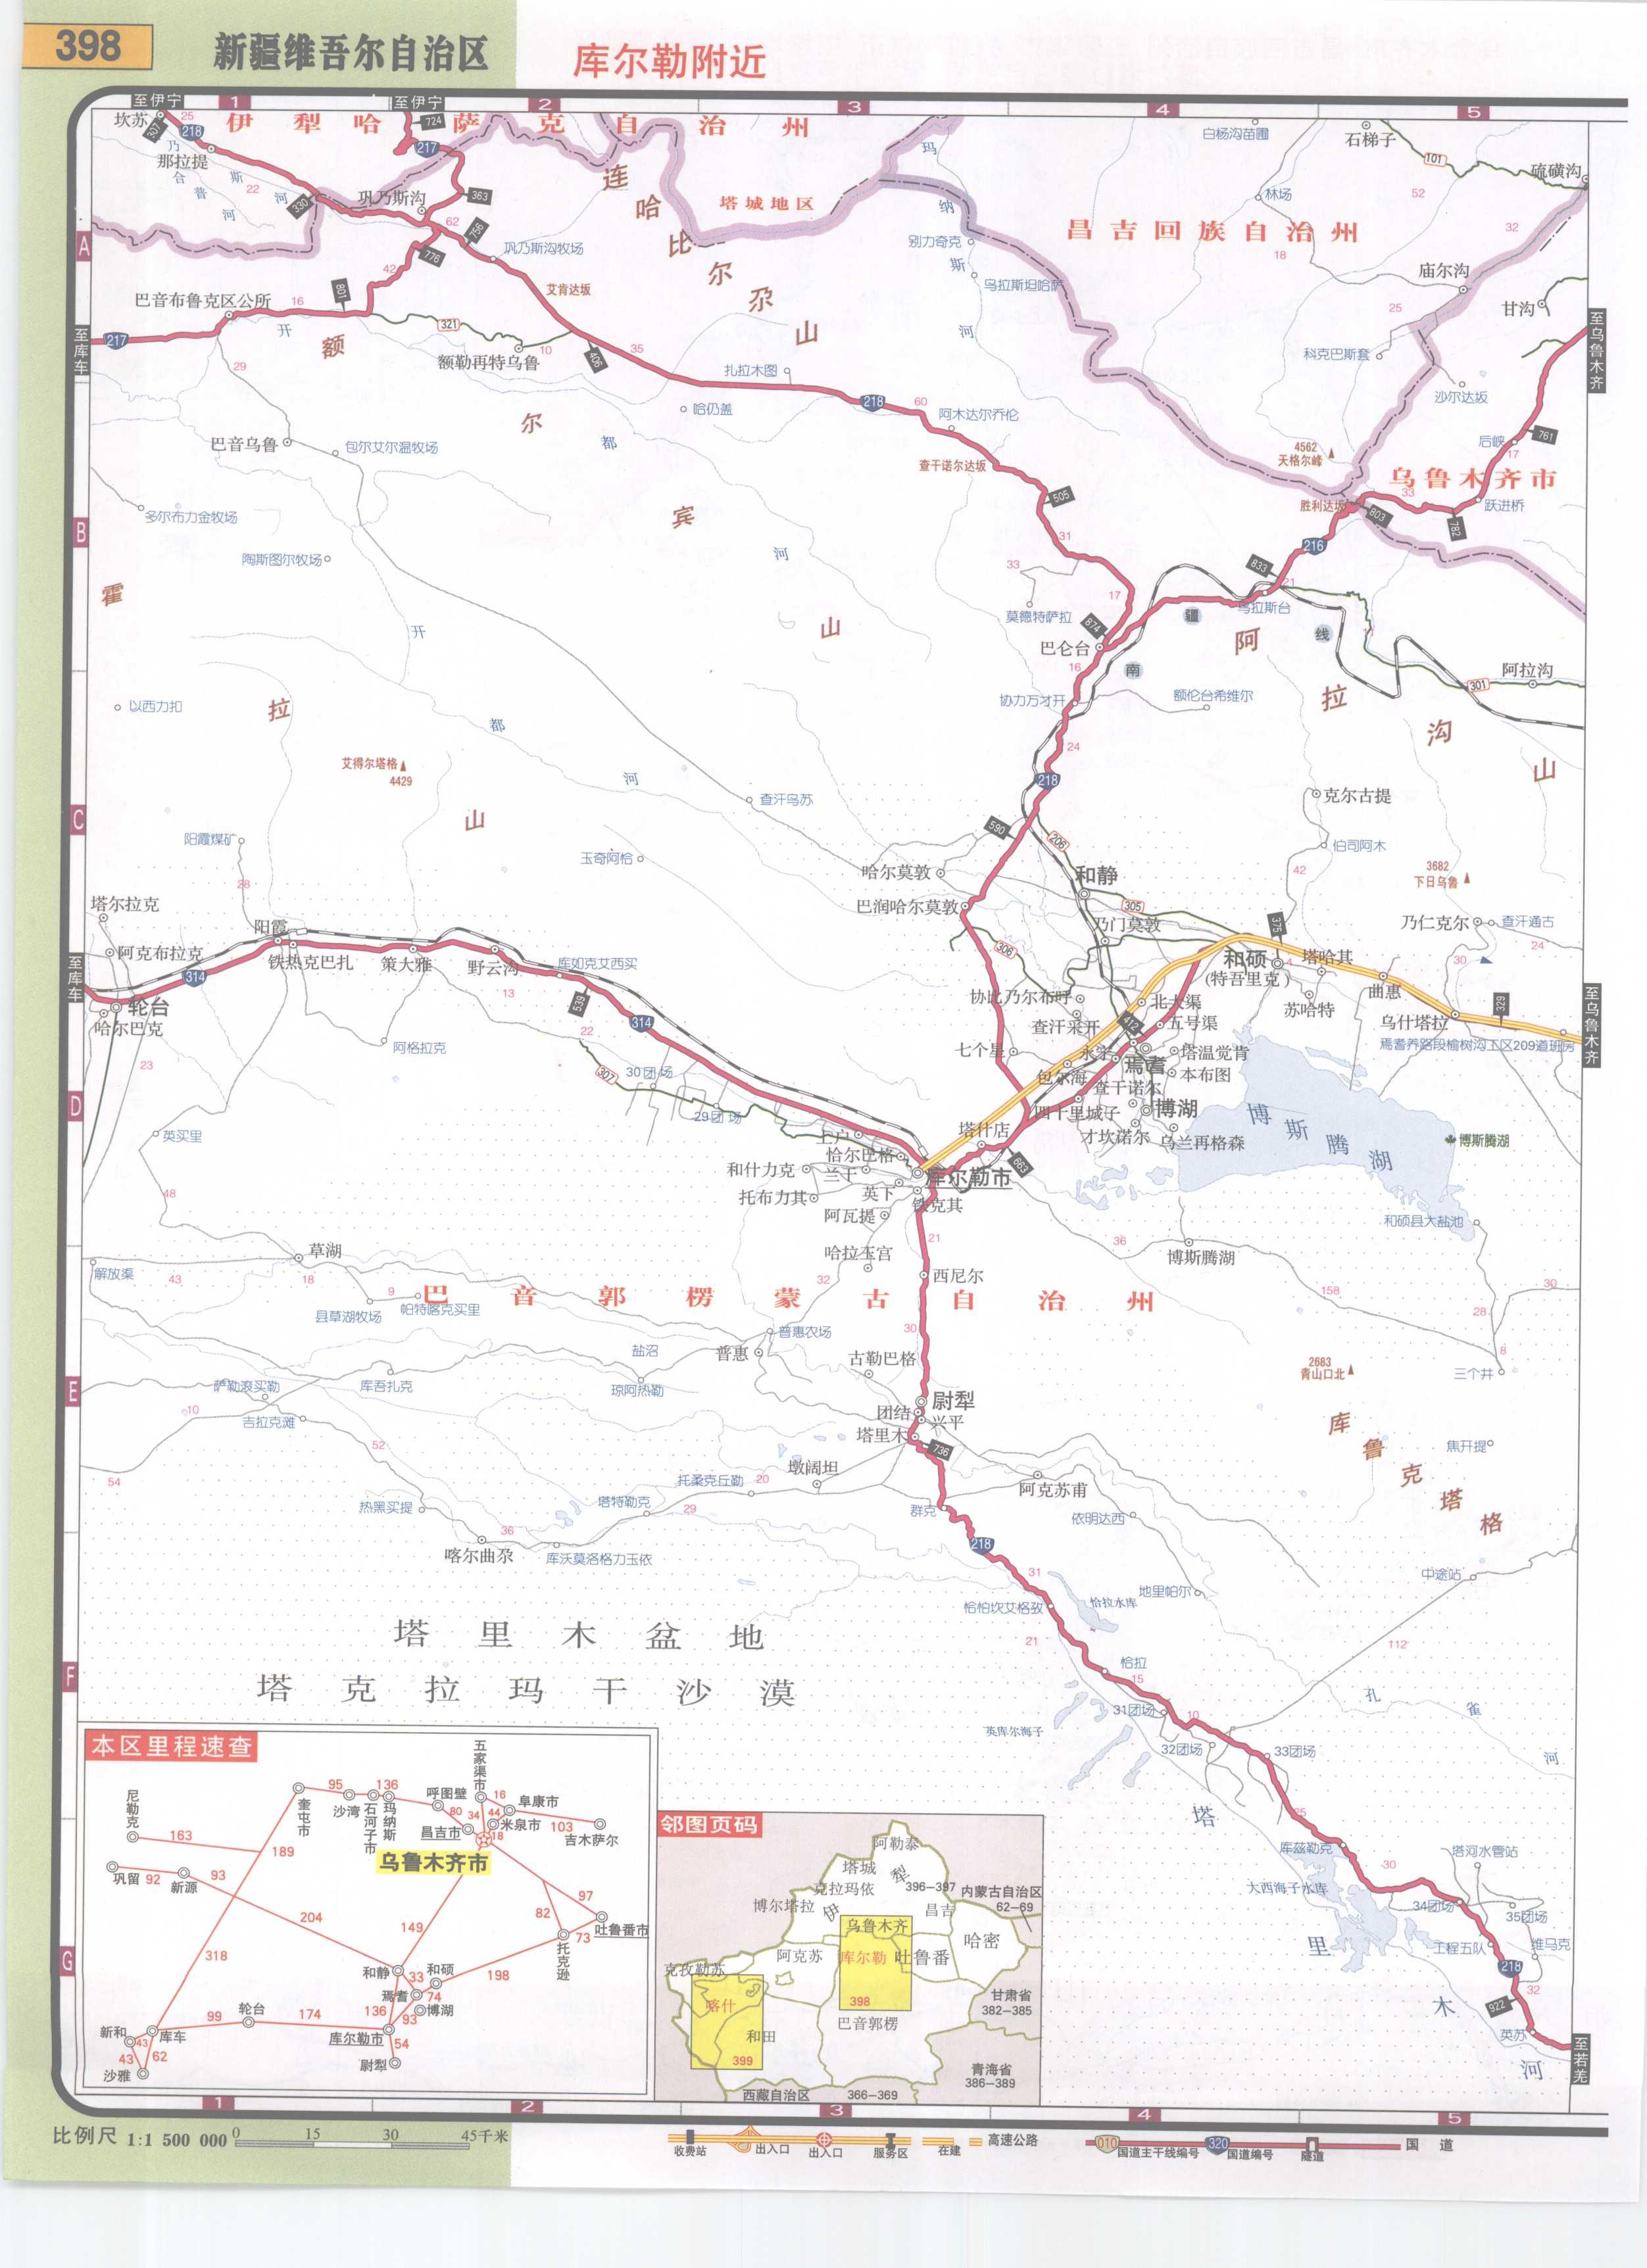 新疆库尔勒周边高速公路网地图